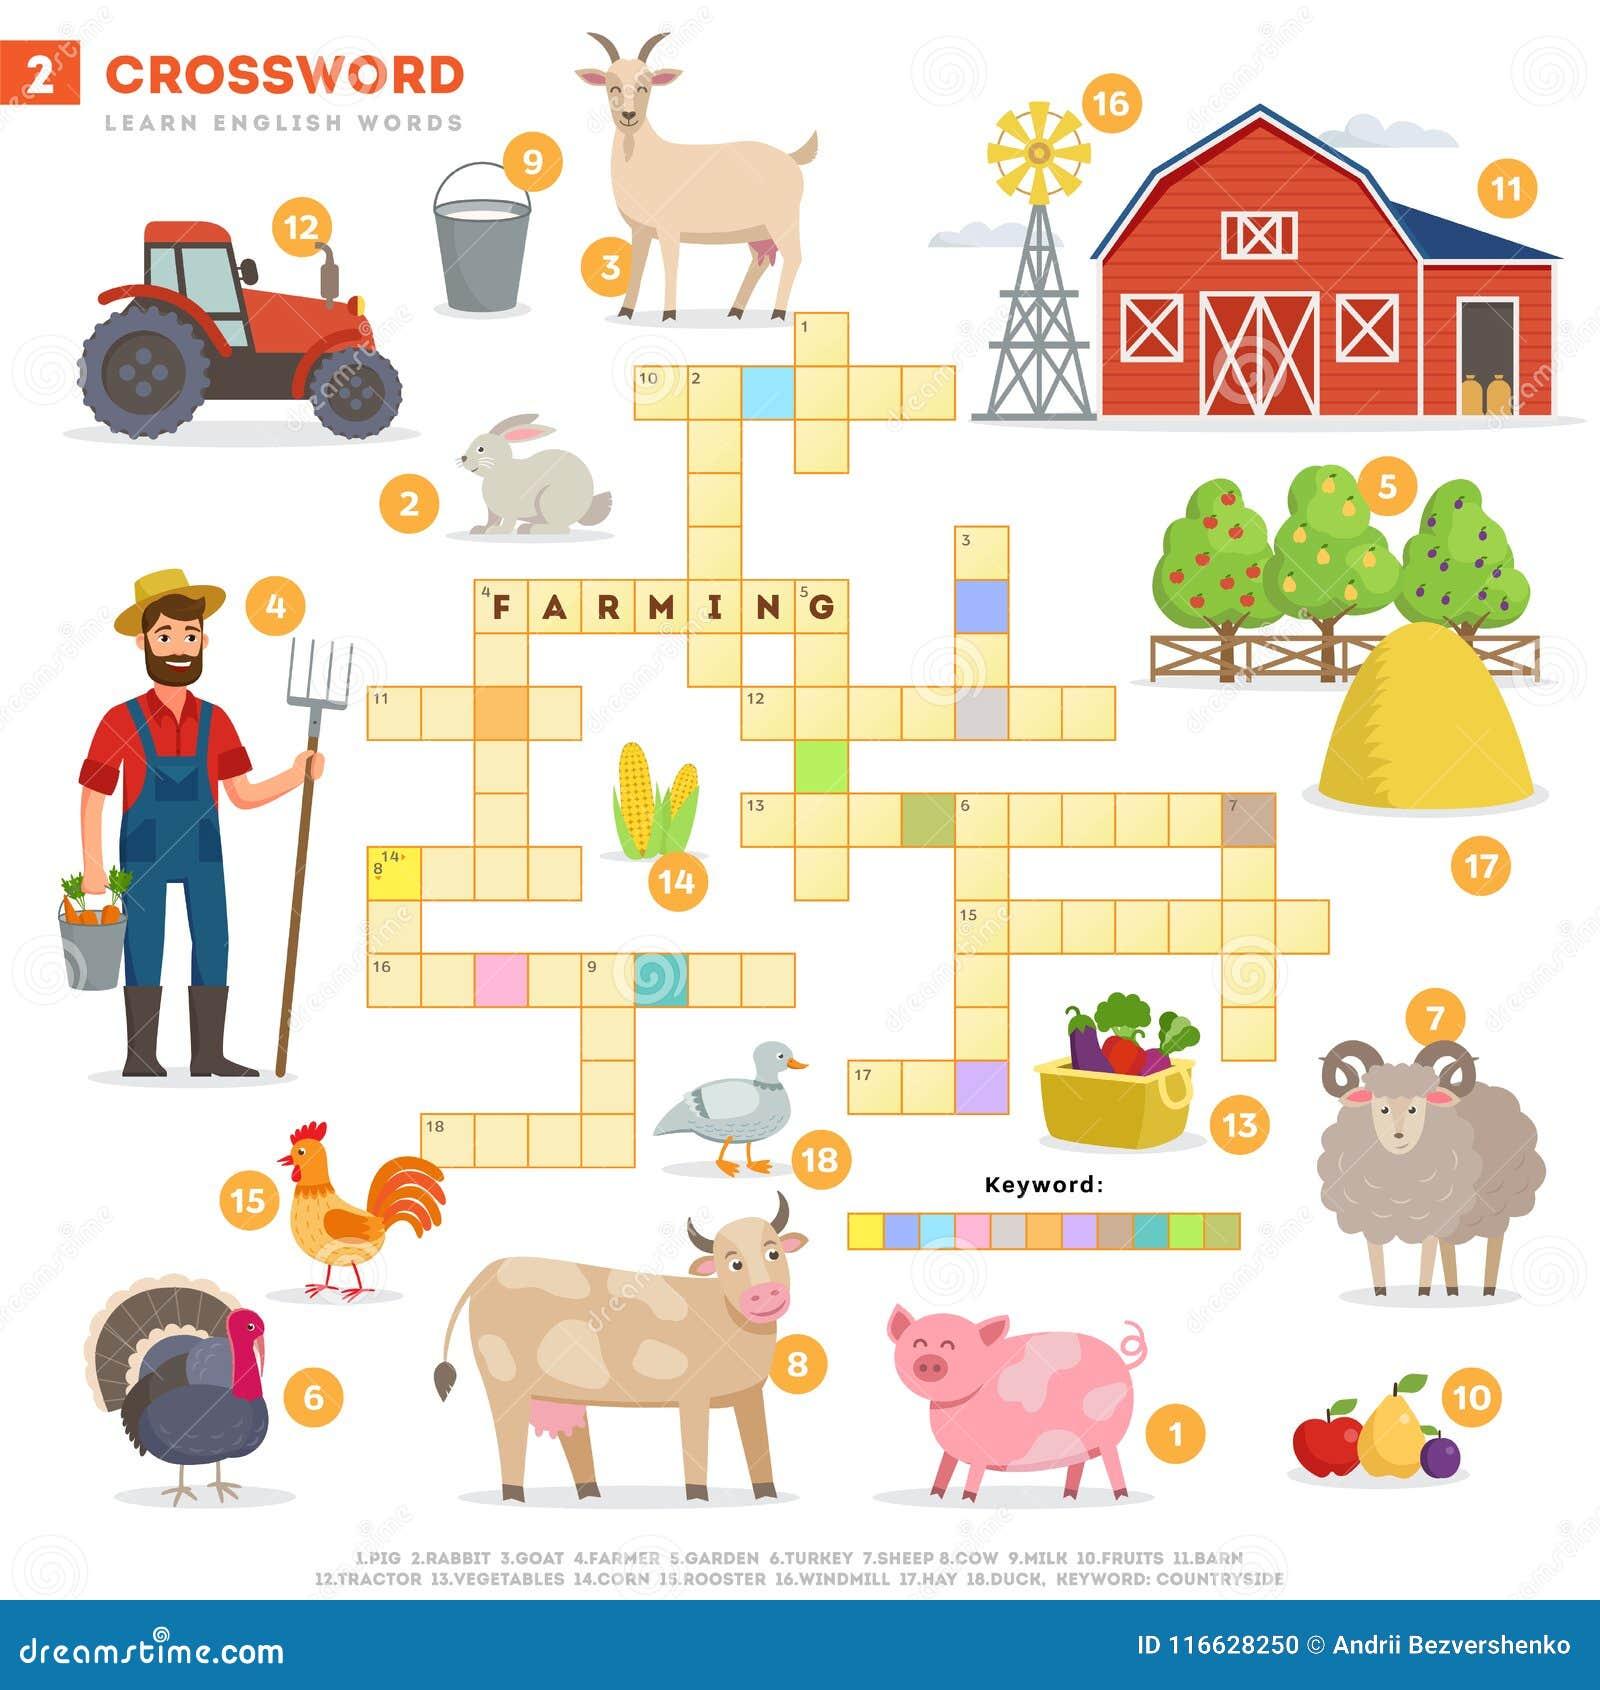 Crossword z ogromnym setem ilustracje i słowem kluczowym w wektorowym płaskim projekcie odizolowywającym na białym tle Crossword